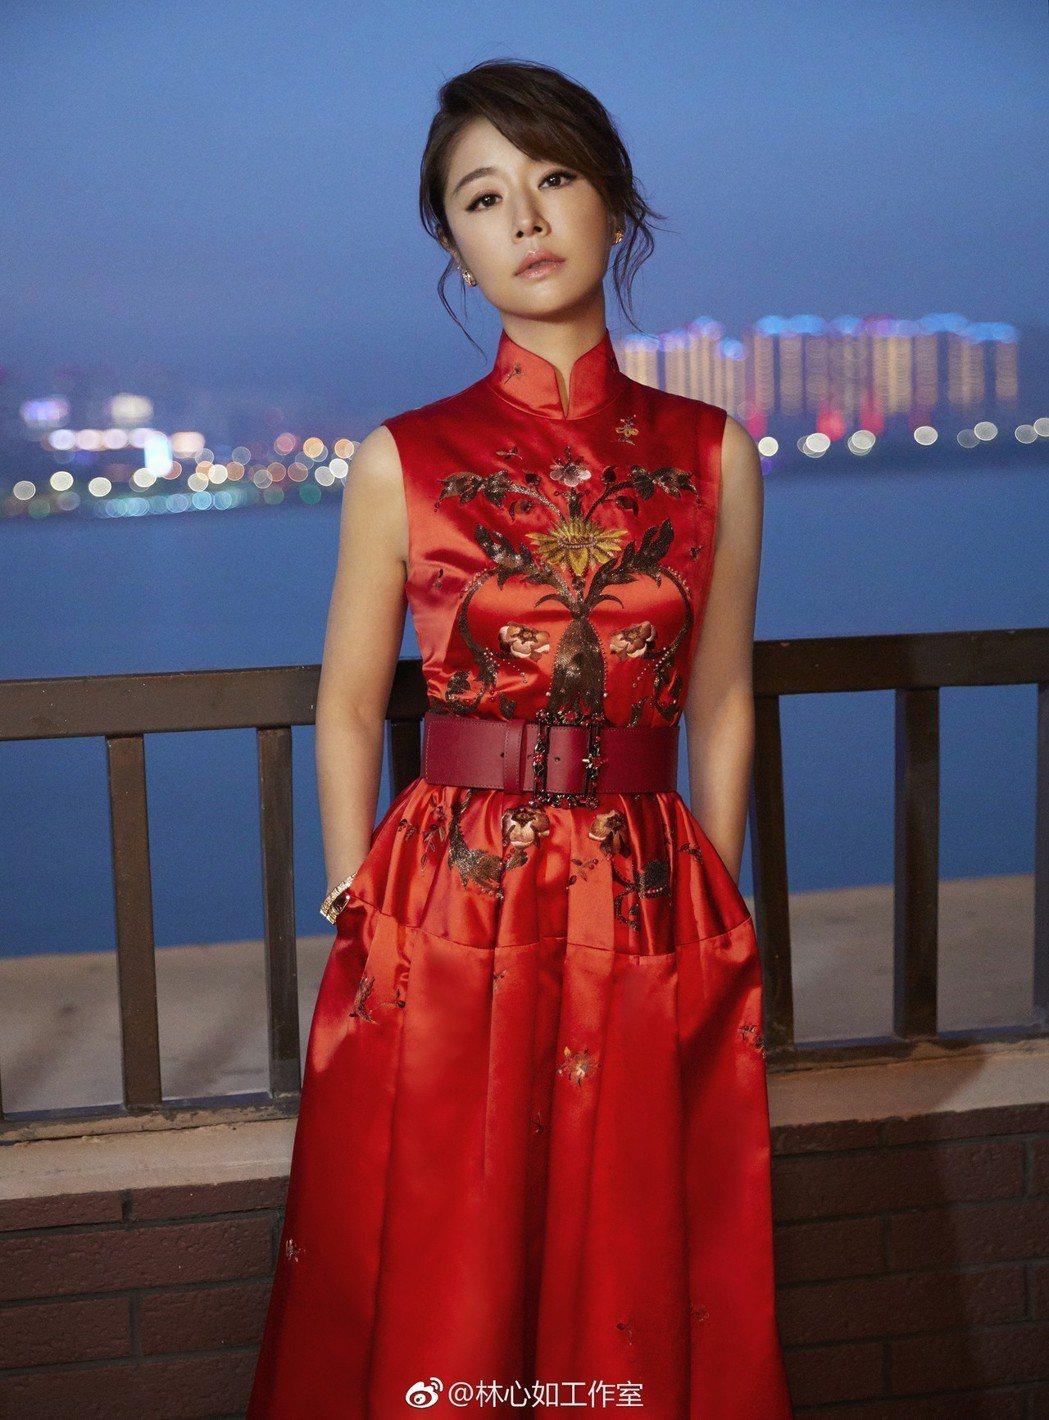 網路上所流傳著一組「視覺中國」所拍攝的照片,與林心如工作室(圖)相差甚遠,更是引...